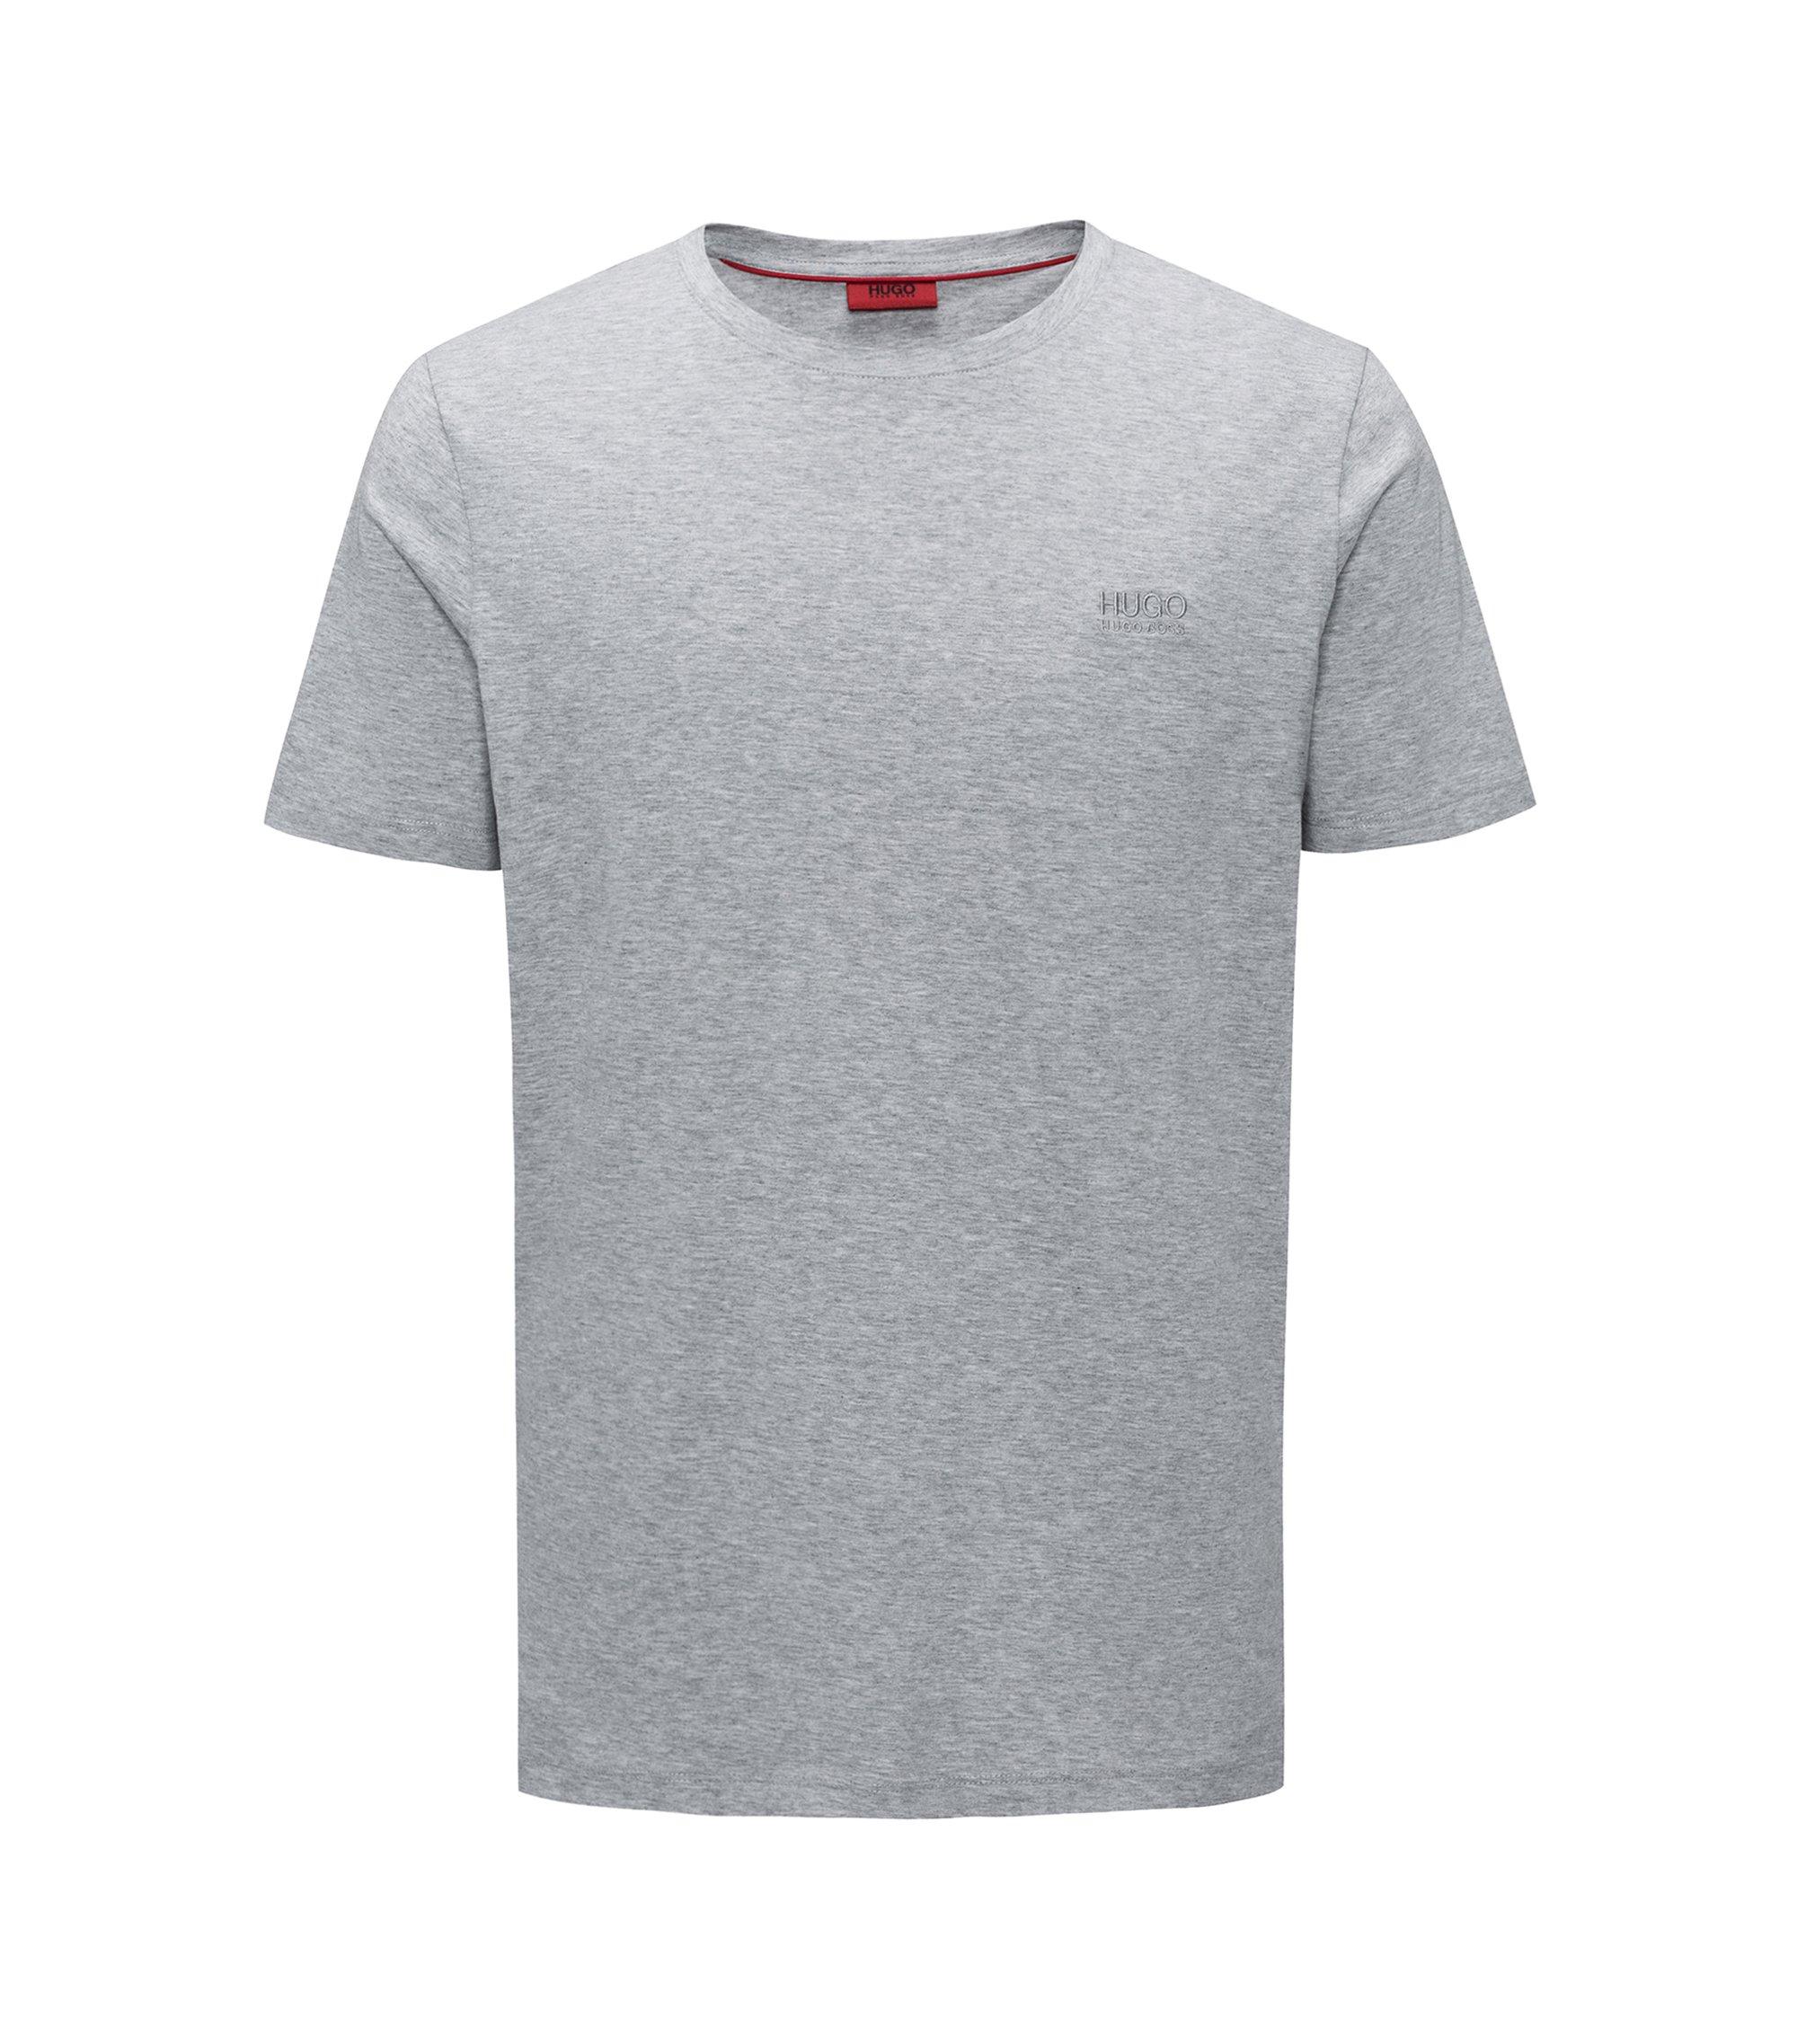 T-shirt Regular Fit en coton doux avec logo, Gris sombre